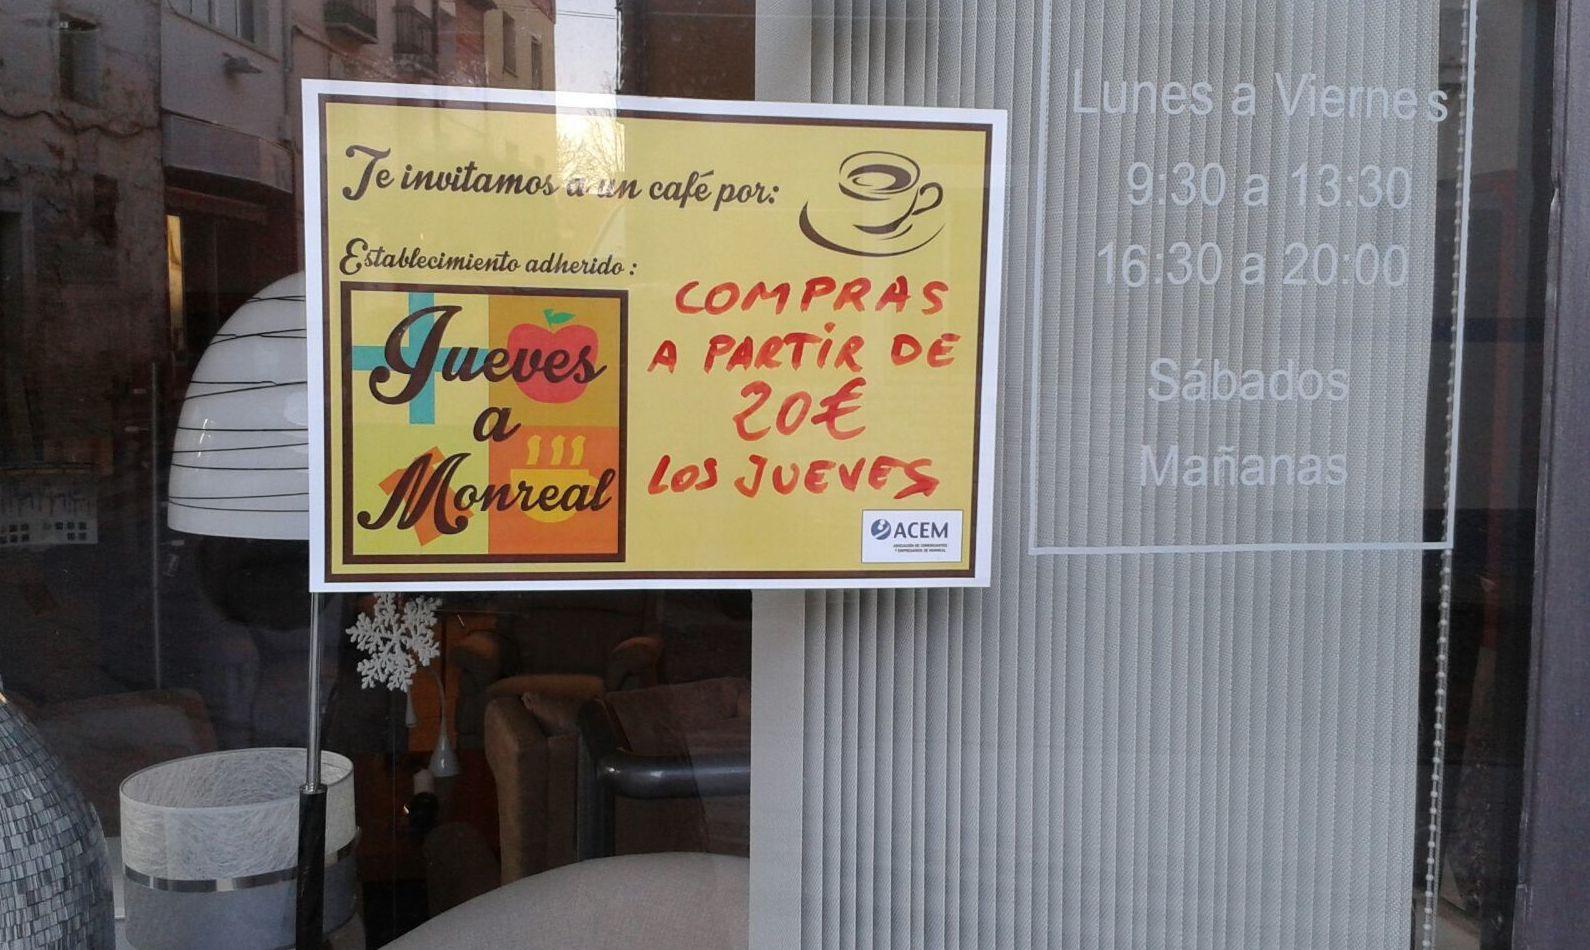 LOS JUEVES A MONREAL